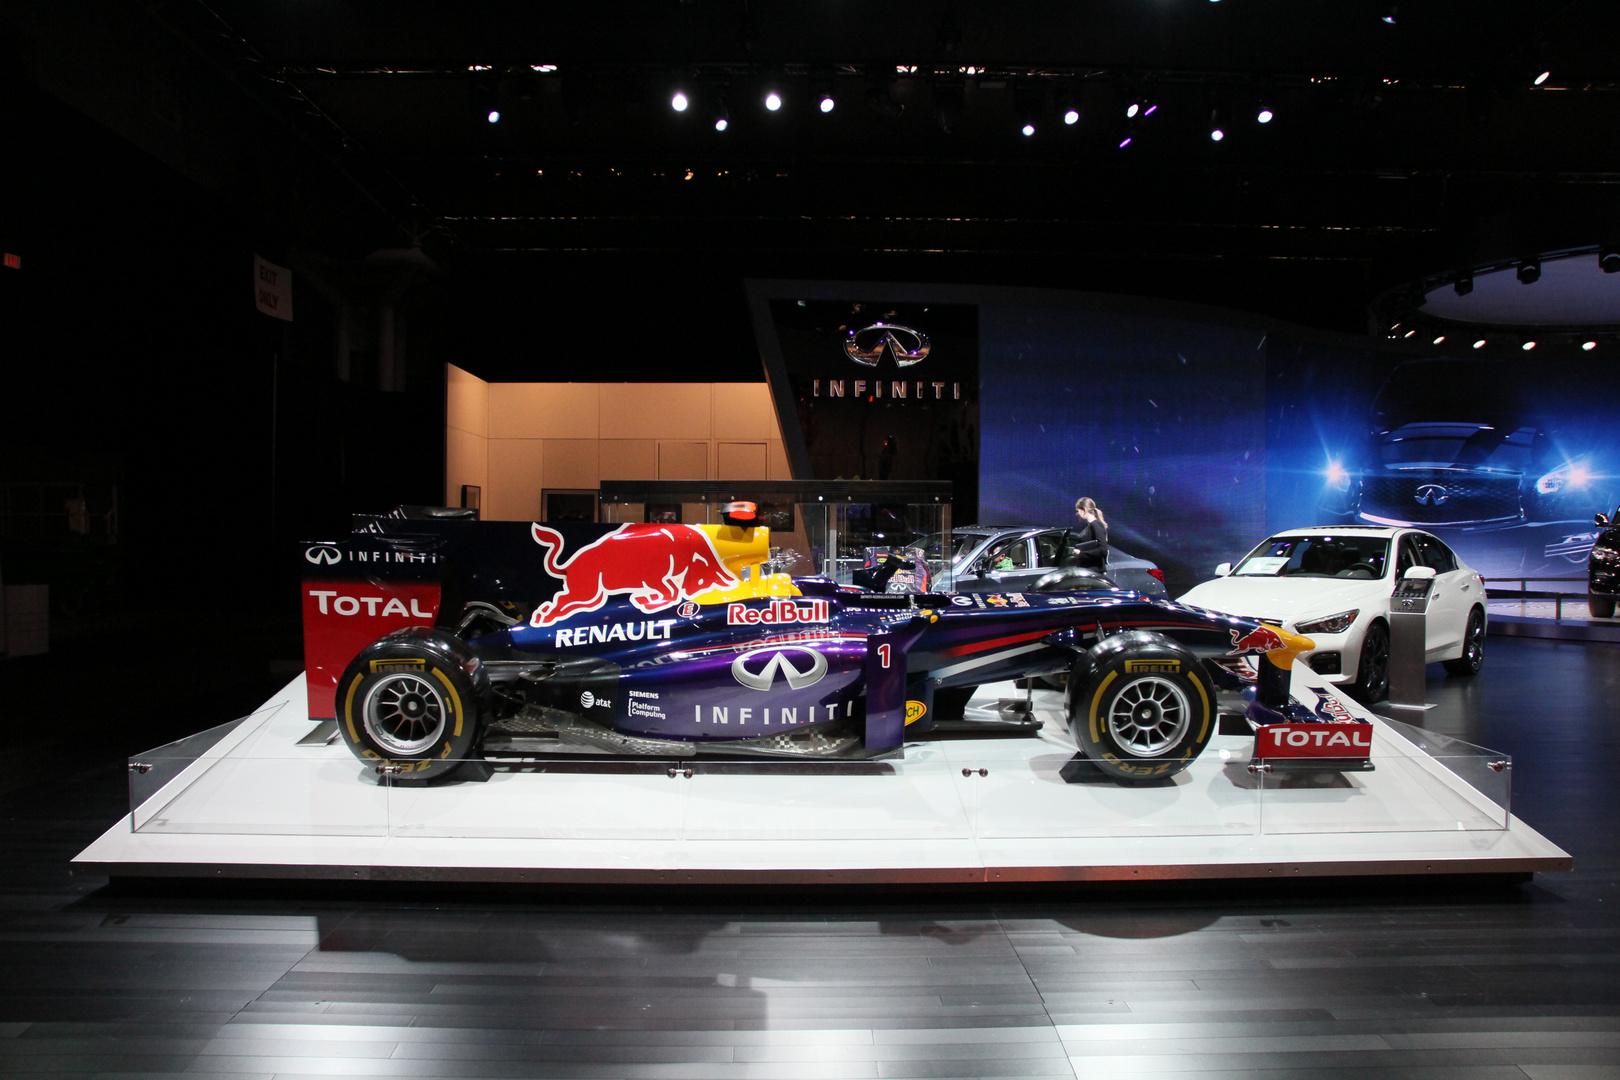 Ehemaliges Formel I Fahrzeug von Sebastian Vettel